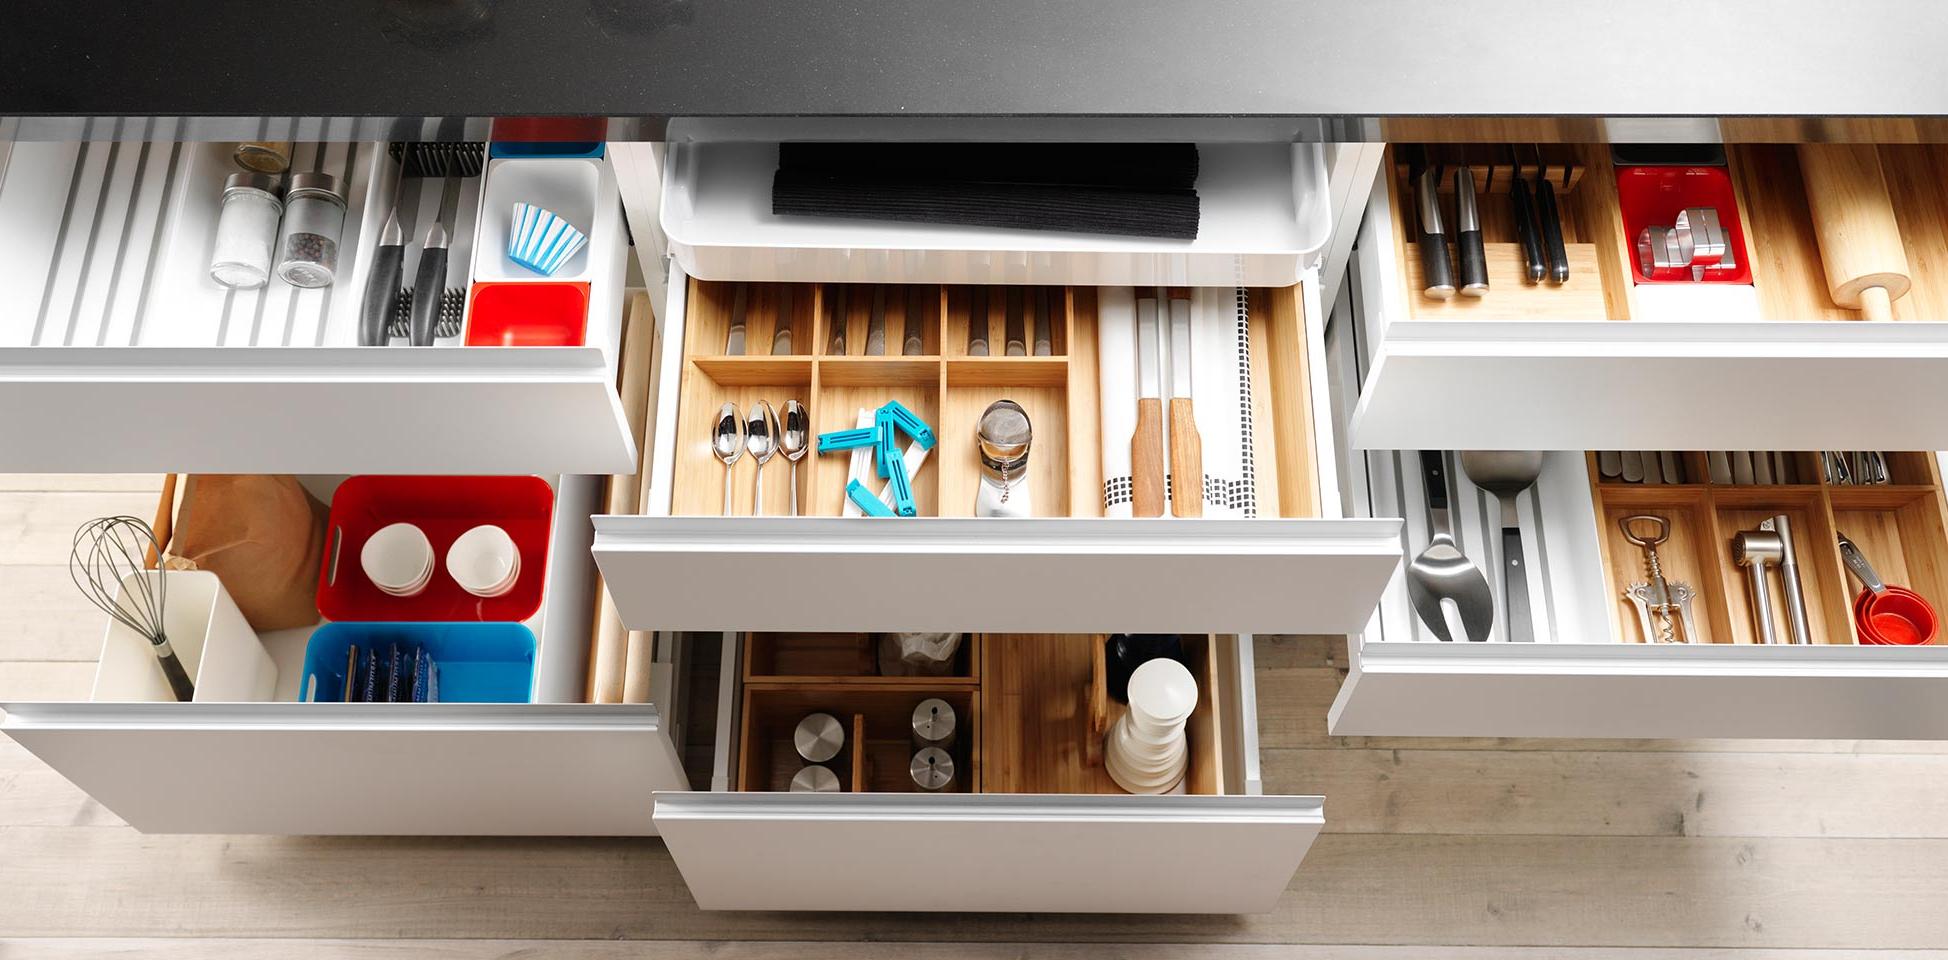 Accesorios Para Muebles De Cocina 3ldq 8 Accesorios Para Muebles De Cocina Realmente Prà Cticos